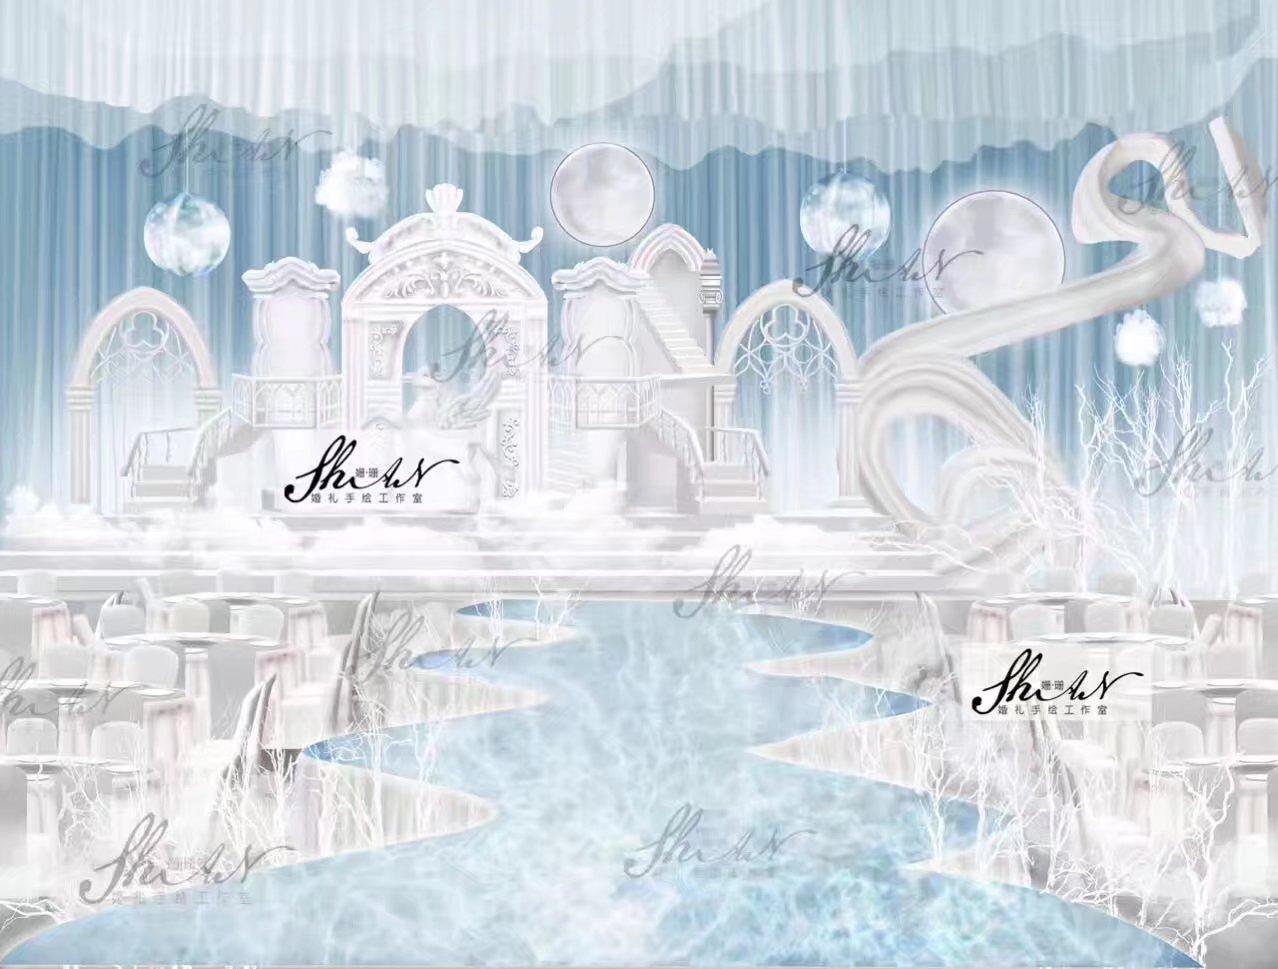 姗珊婚礼手绘设计作品|平面|宣传品|姗珊手绘工作室